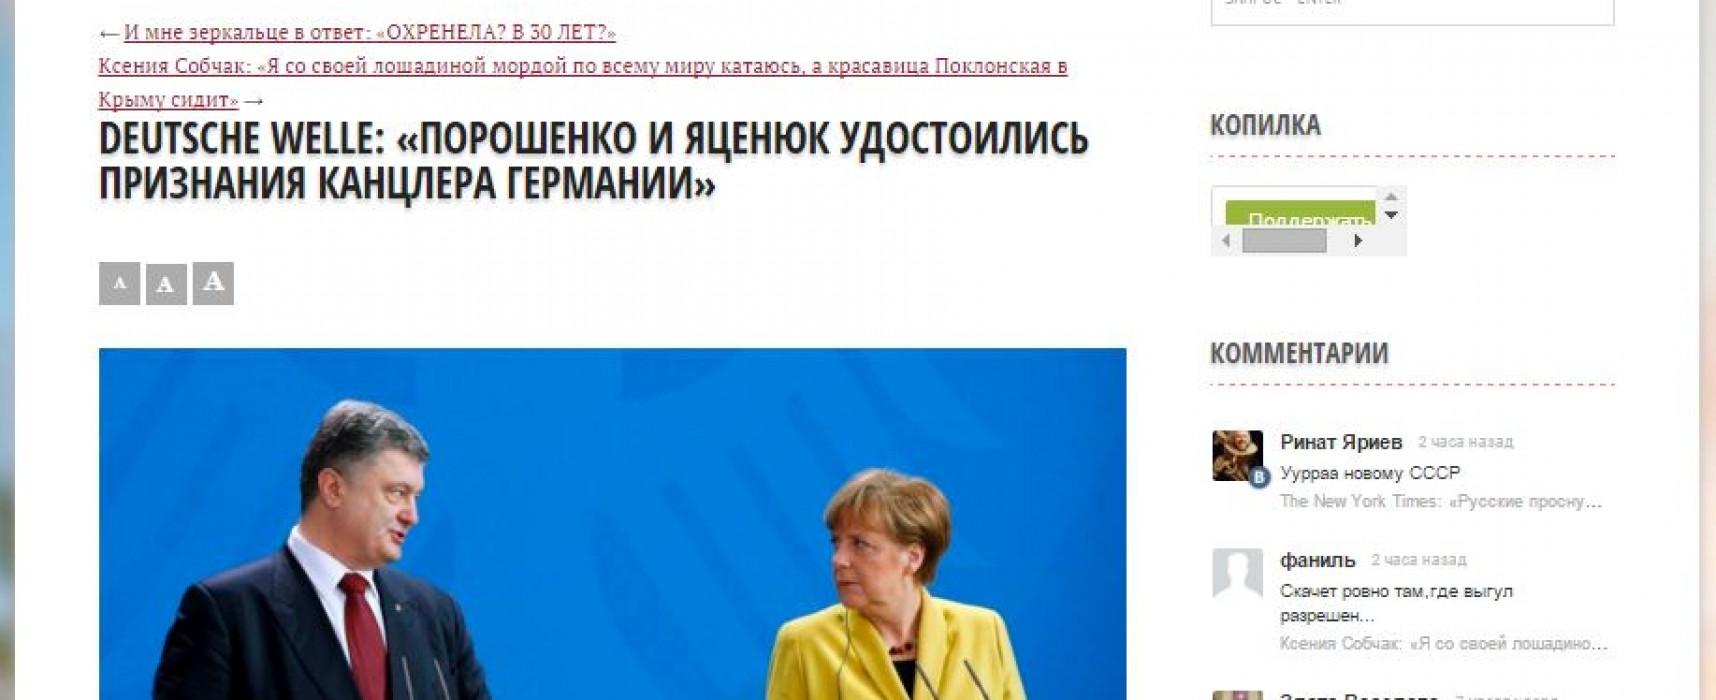 Fake: Merkel Insults Poroshenko and Yatsenyuk